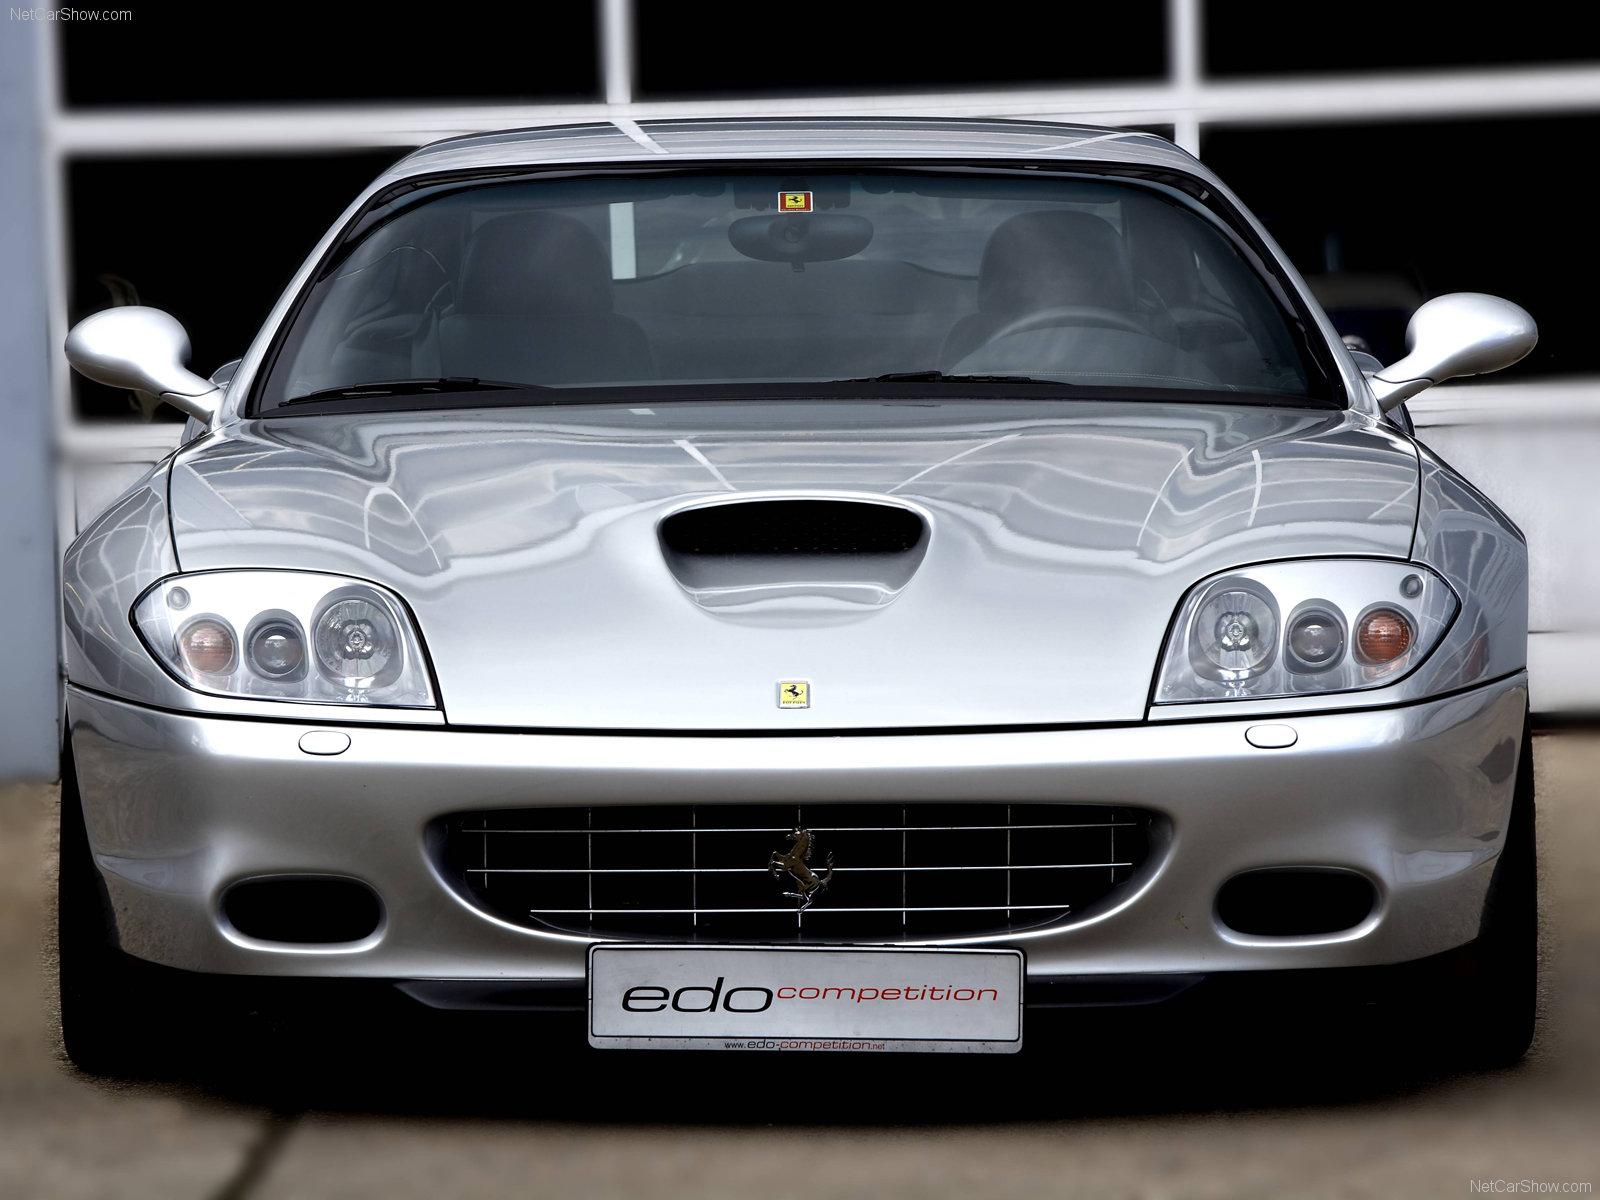 Hình ảnh siêu xe Edo Ferrari 575 Maranello 2005 & nội ngoại thất